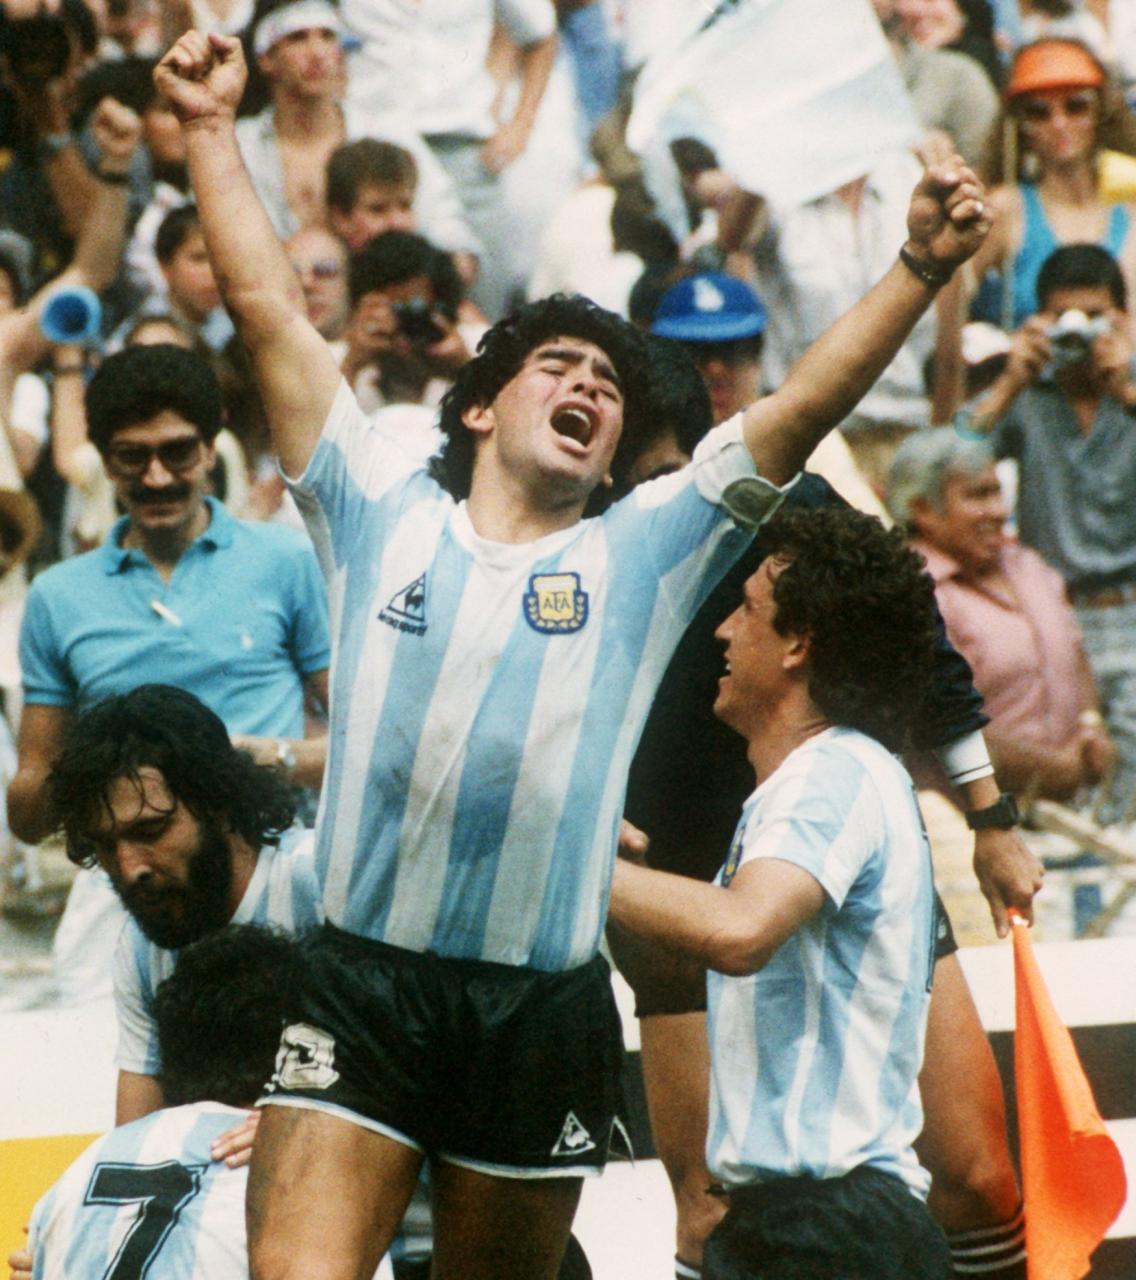 Diego Armando Maradona, former player of the Argentine National Team